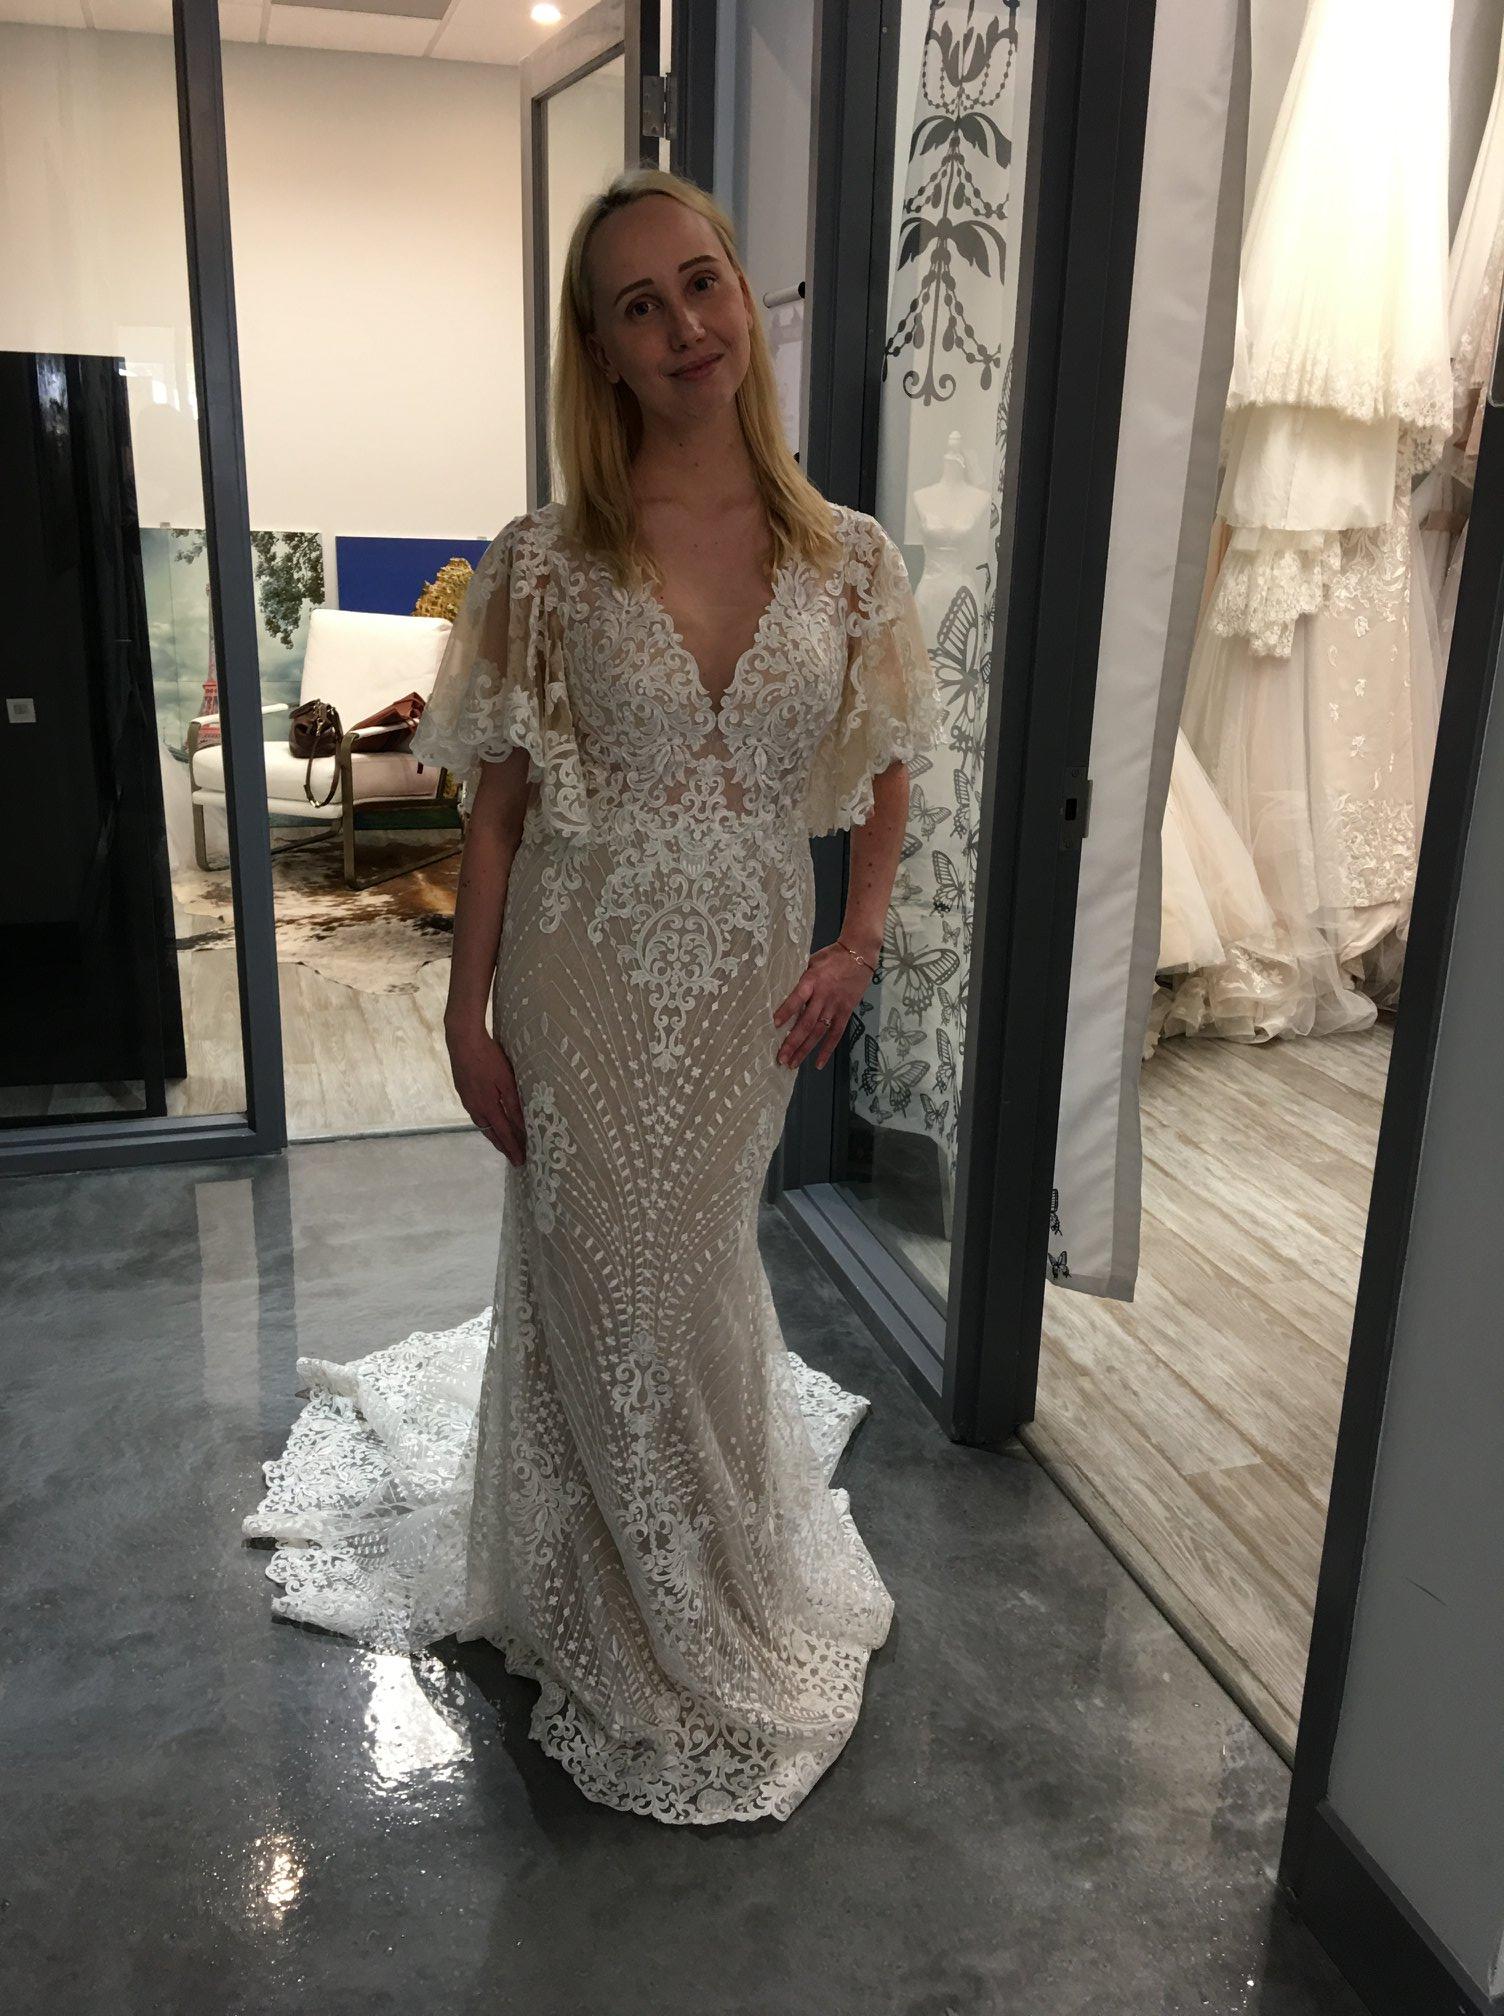 Wedding dress $400, size 8-10